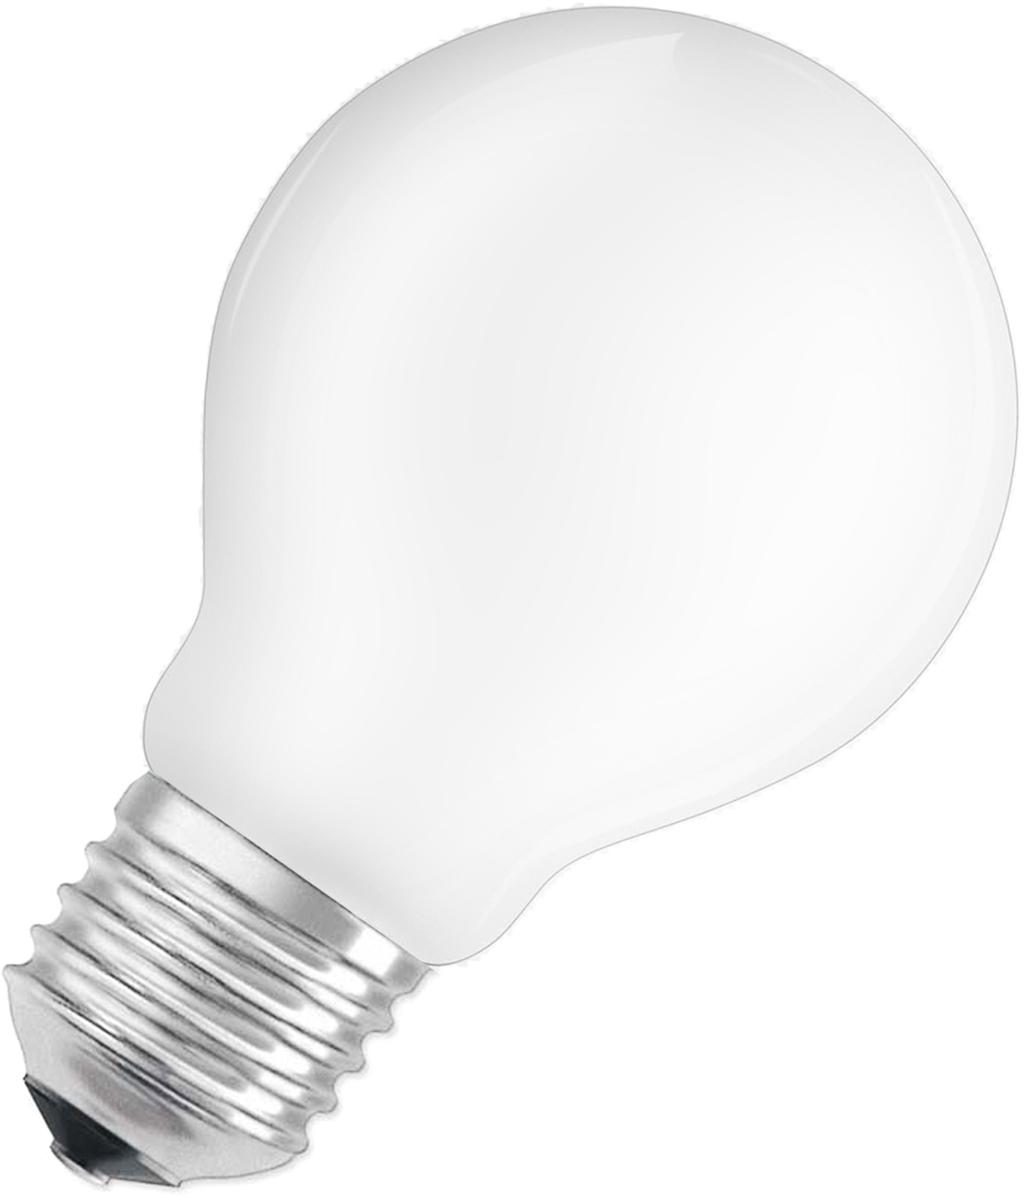 Лампа накаливания Osram Classic A FR 75Вт E27 220-240В 40083214196824008321419682Светодиодные энергосберегающие лампы потребляют на 70% меньше электроэнергии, что не только экономит деньги, но и снижает нагрузку на проводку. Свет, который излучают светодиодные светильники, не раздражает глаза и может быть разным по интенсивности и световой температуре. Они легко монтируются в стены и потолки, в том числе и в натяжные. Разнообразный дизайн позволяет подобрать светодиодные лампы для любого пространства.